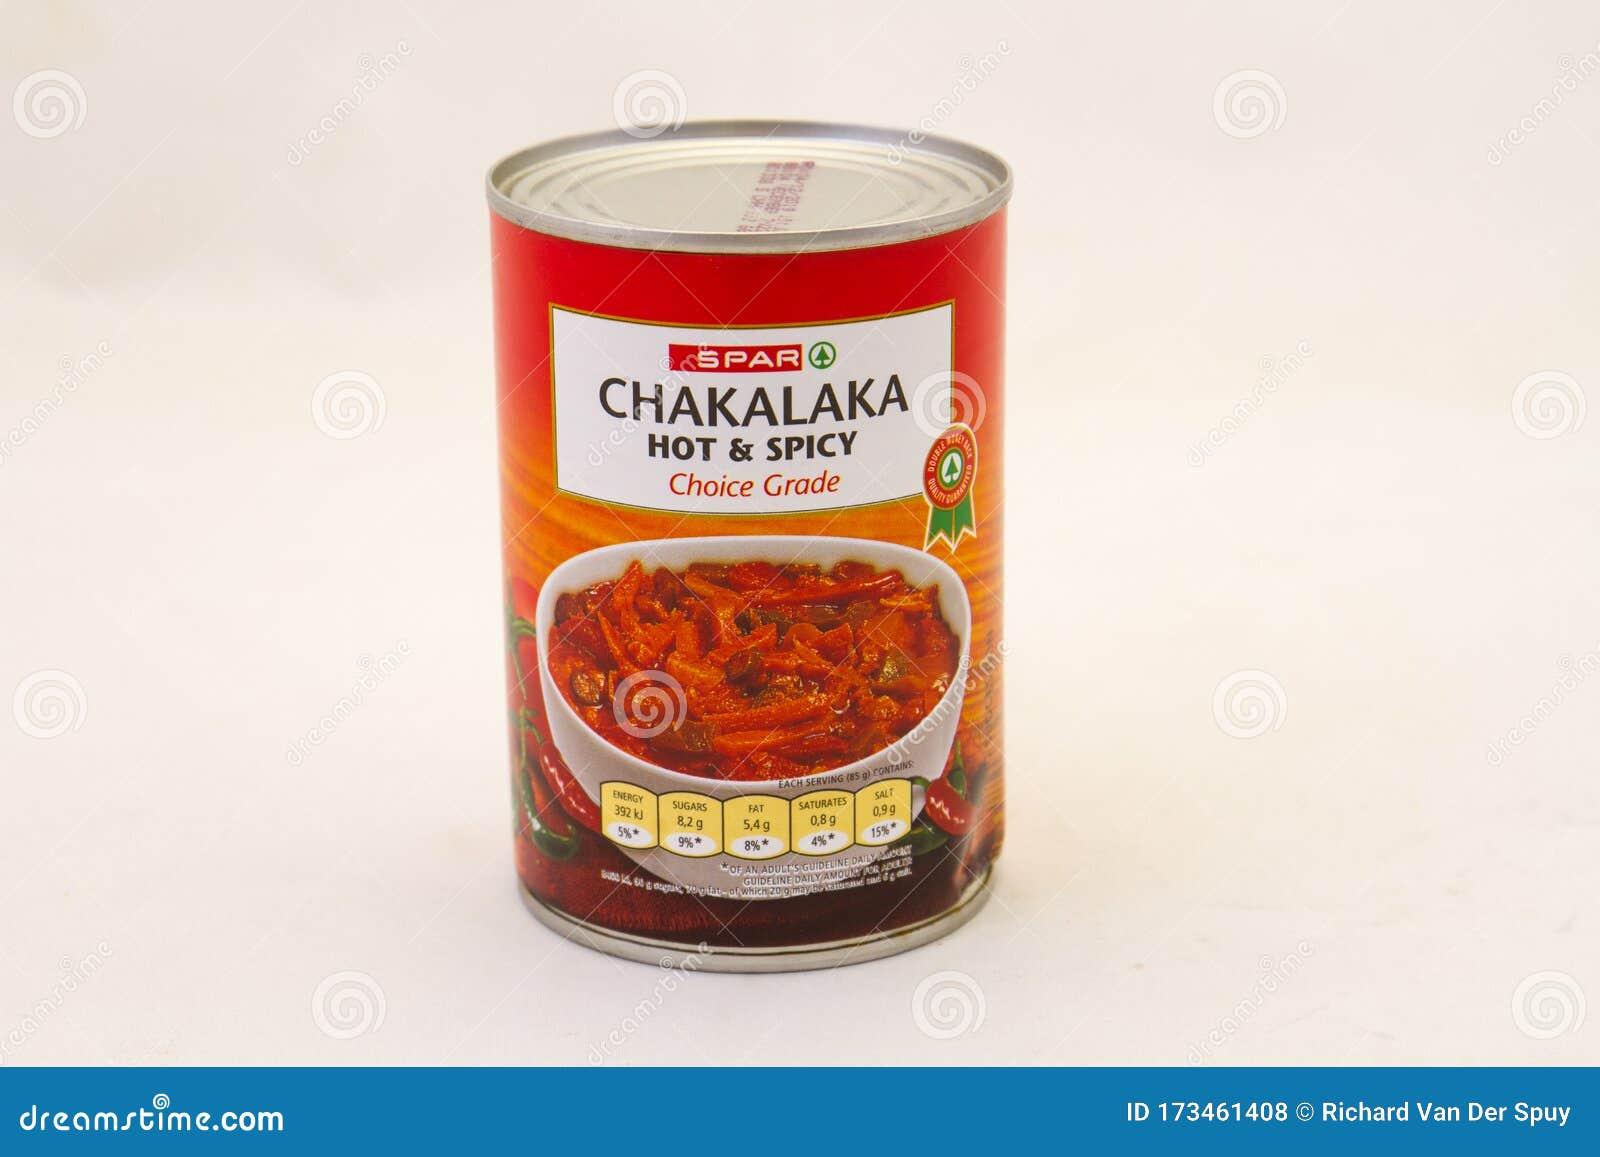 Chakalaka Photos Free Royalty Free Stock Photos From Dreamstime